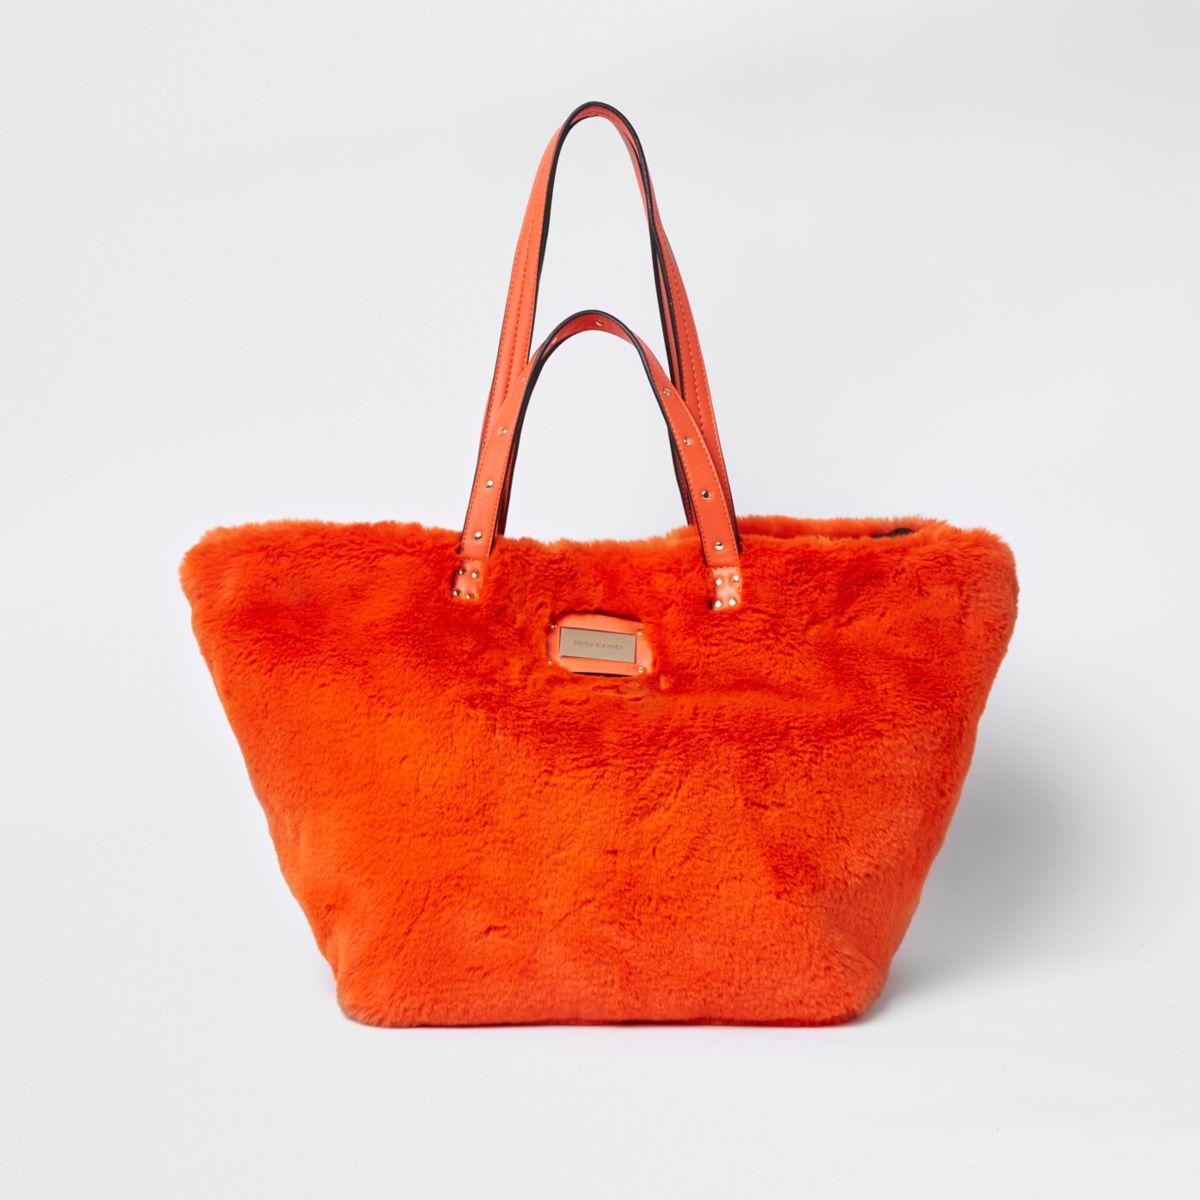 Womens Sac Île De La Rivière Orange Shopper Surdimensionné En Fausse Fourrure G6K78X3qJk